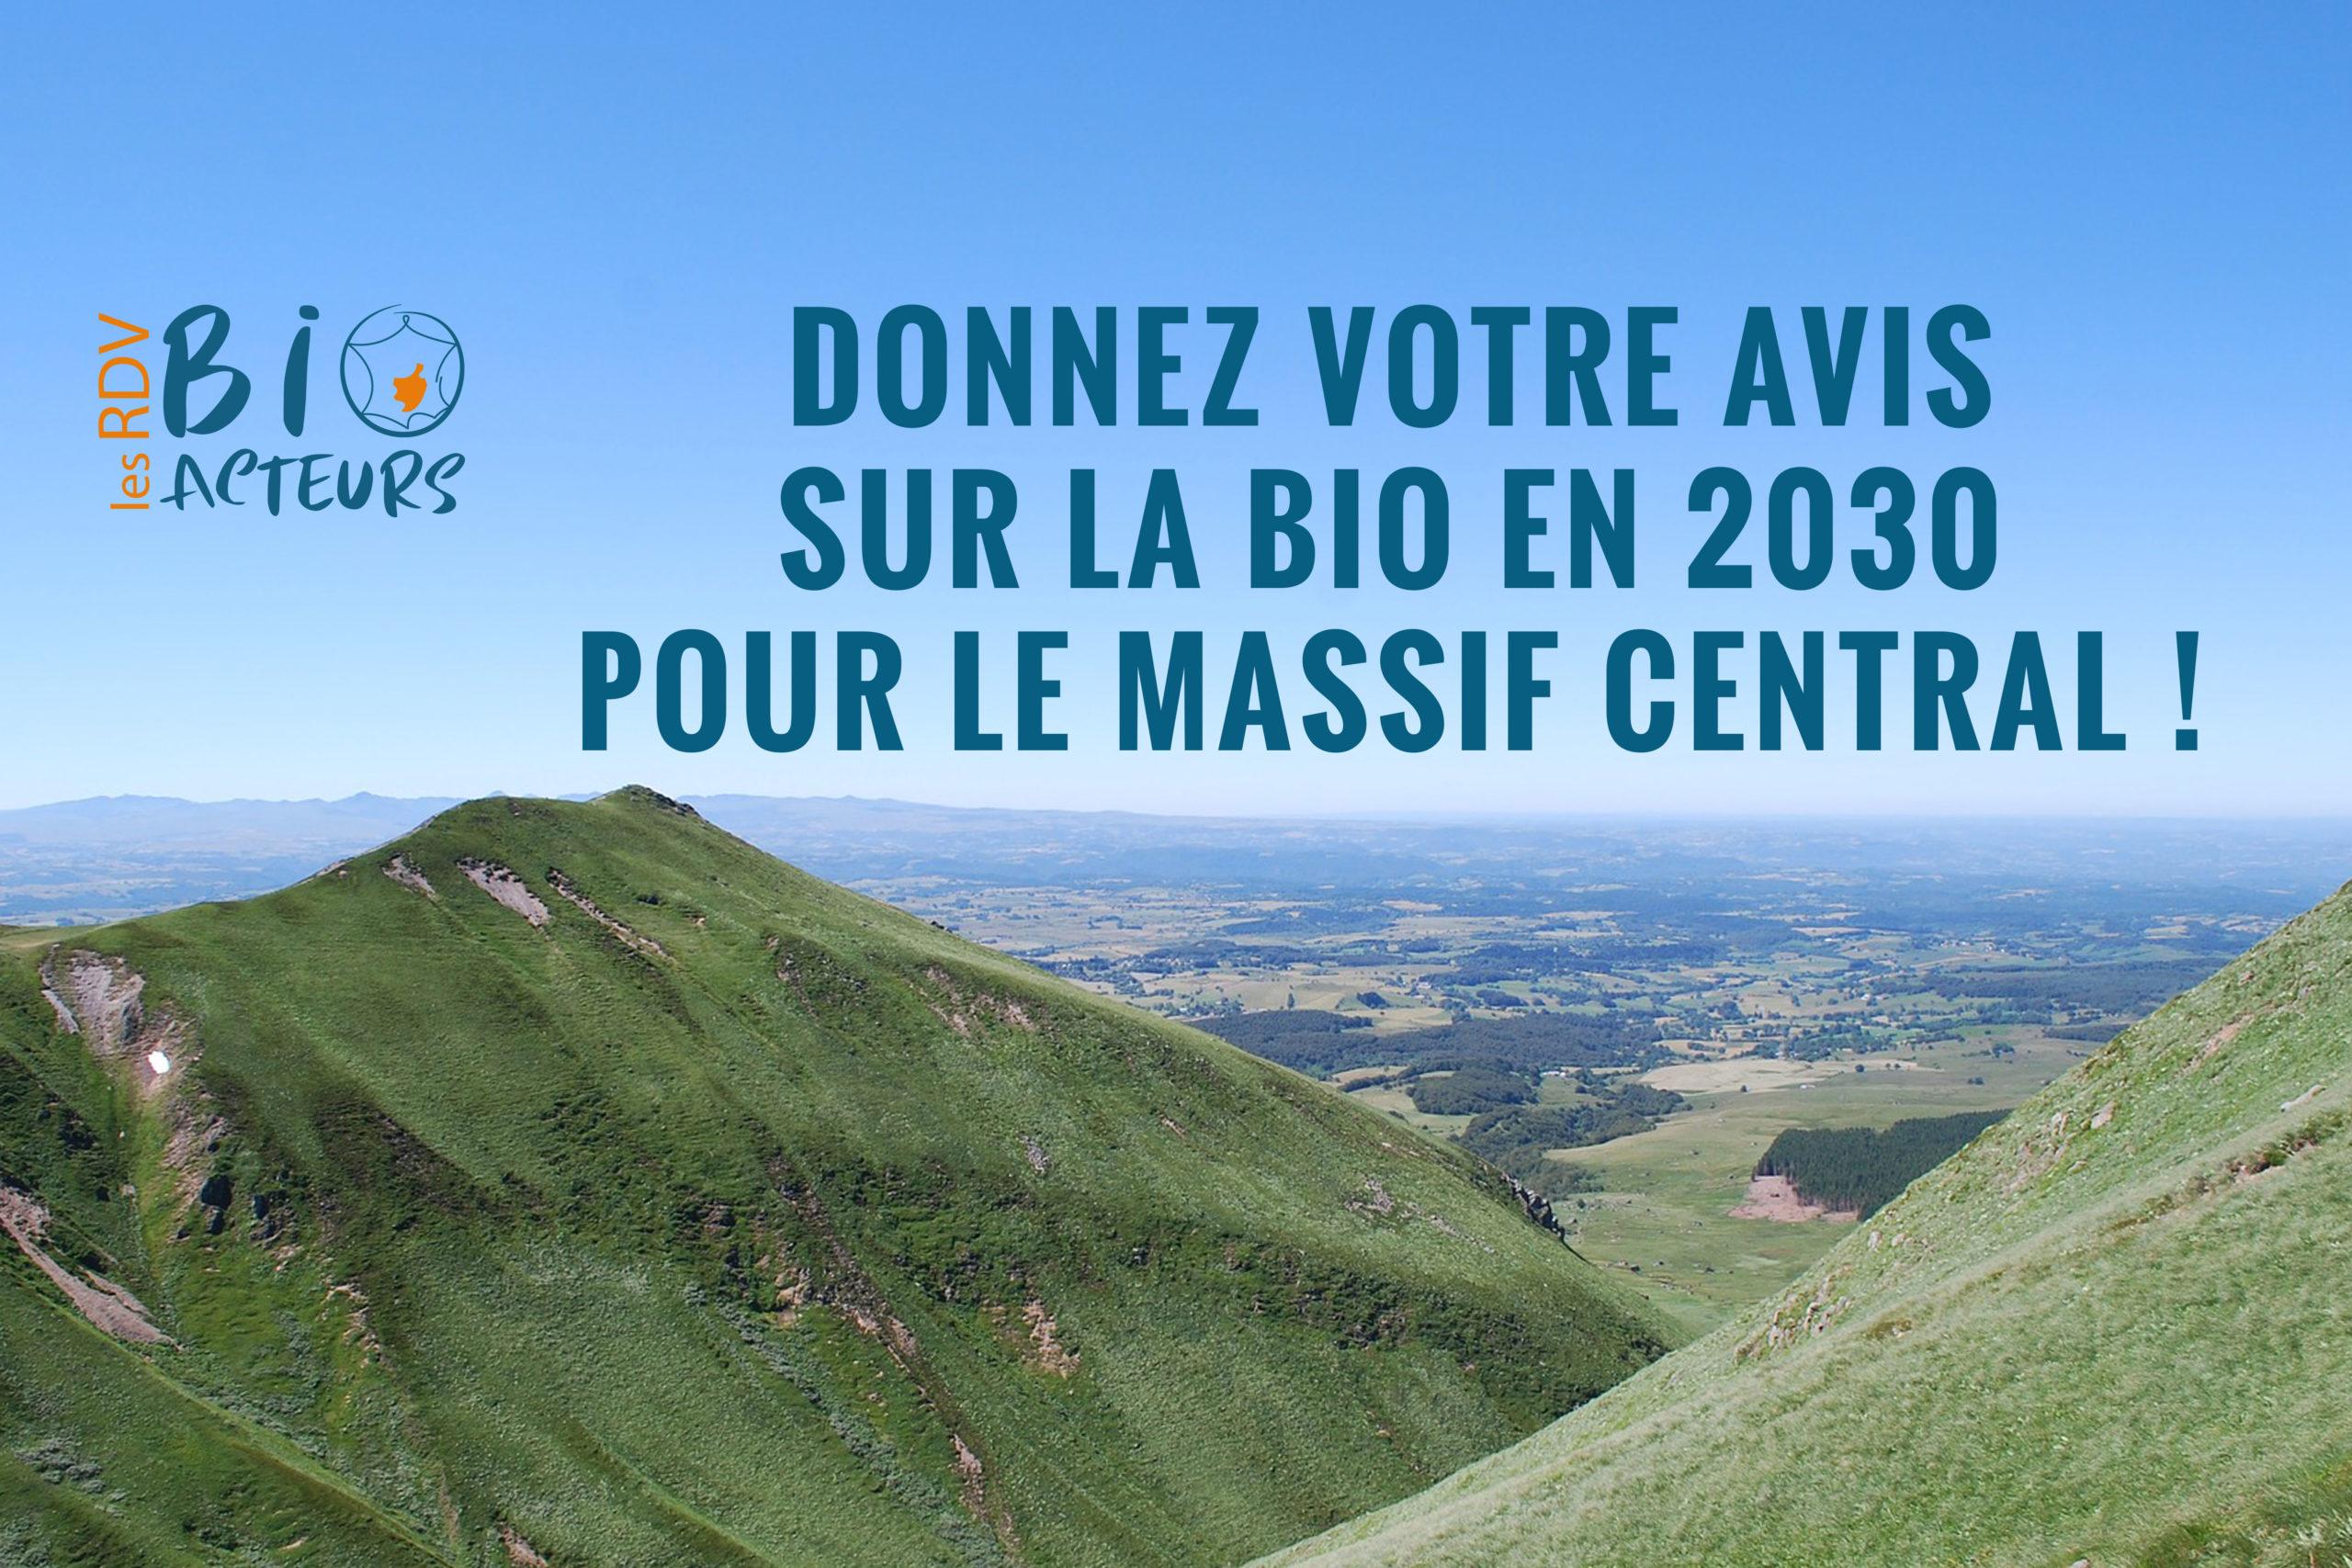 Encore une chance de donner votre avis sur la bio en 2030 pour le Massif Central